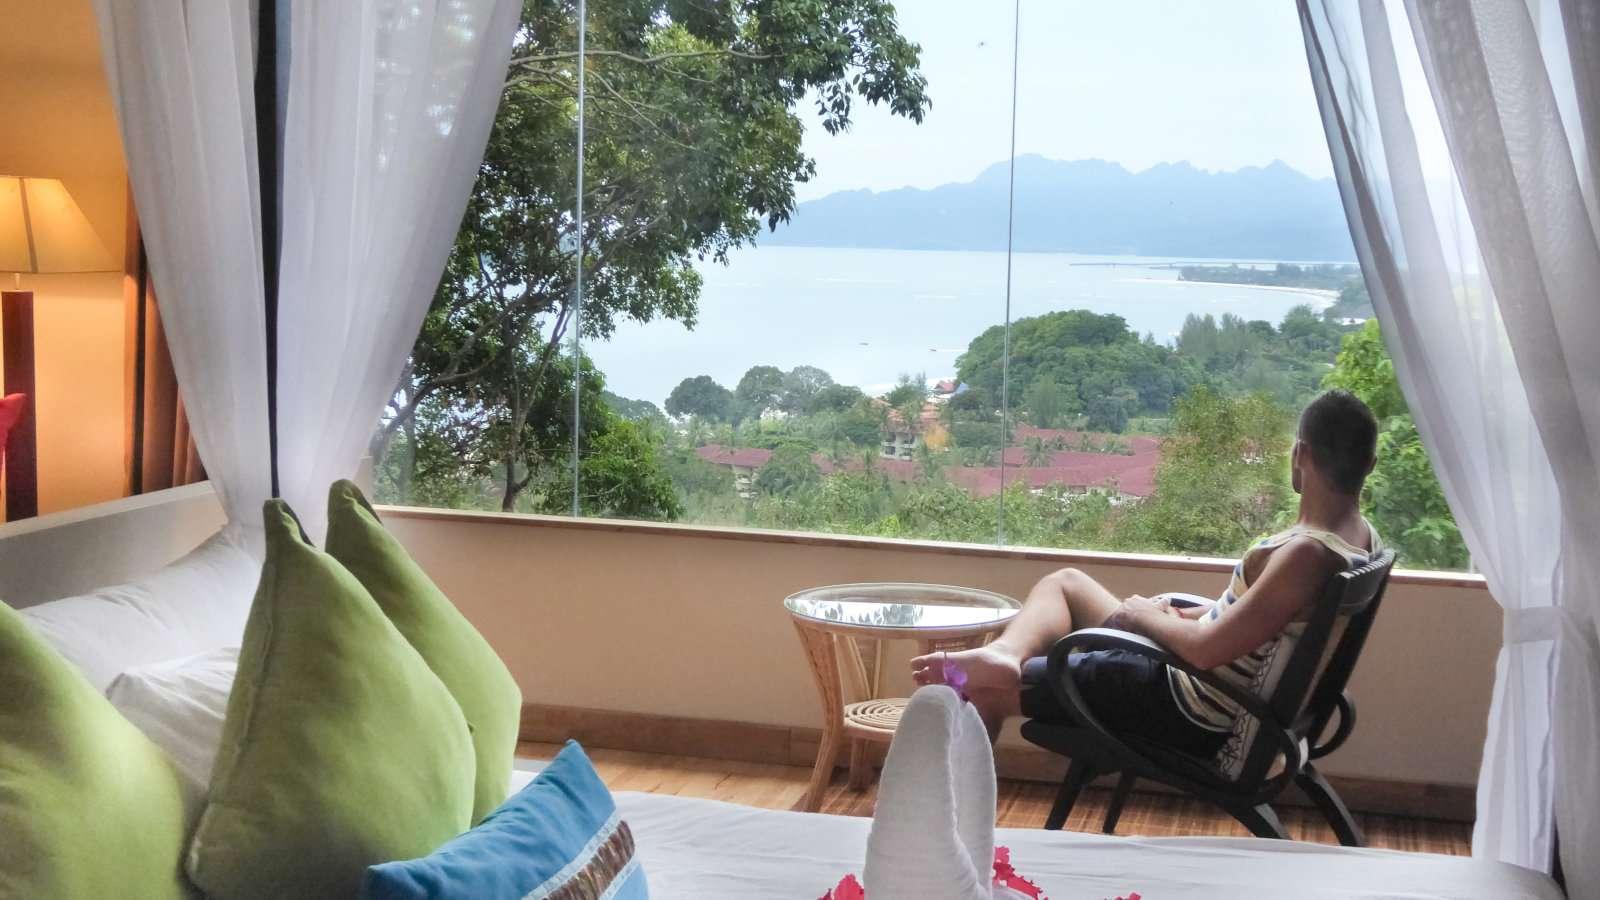 Ambong Ambong é um retiro de luxo na selva em Langkawi, que descobrimos ser o mais gay friendly de toda a ilha